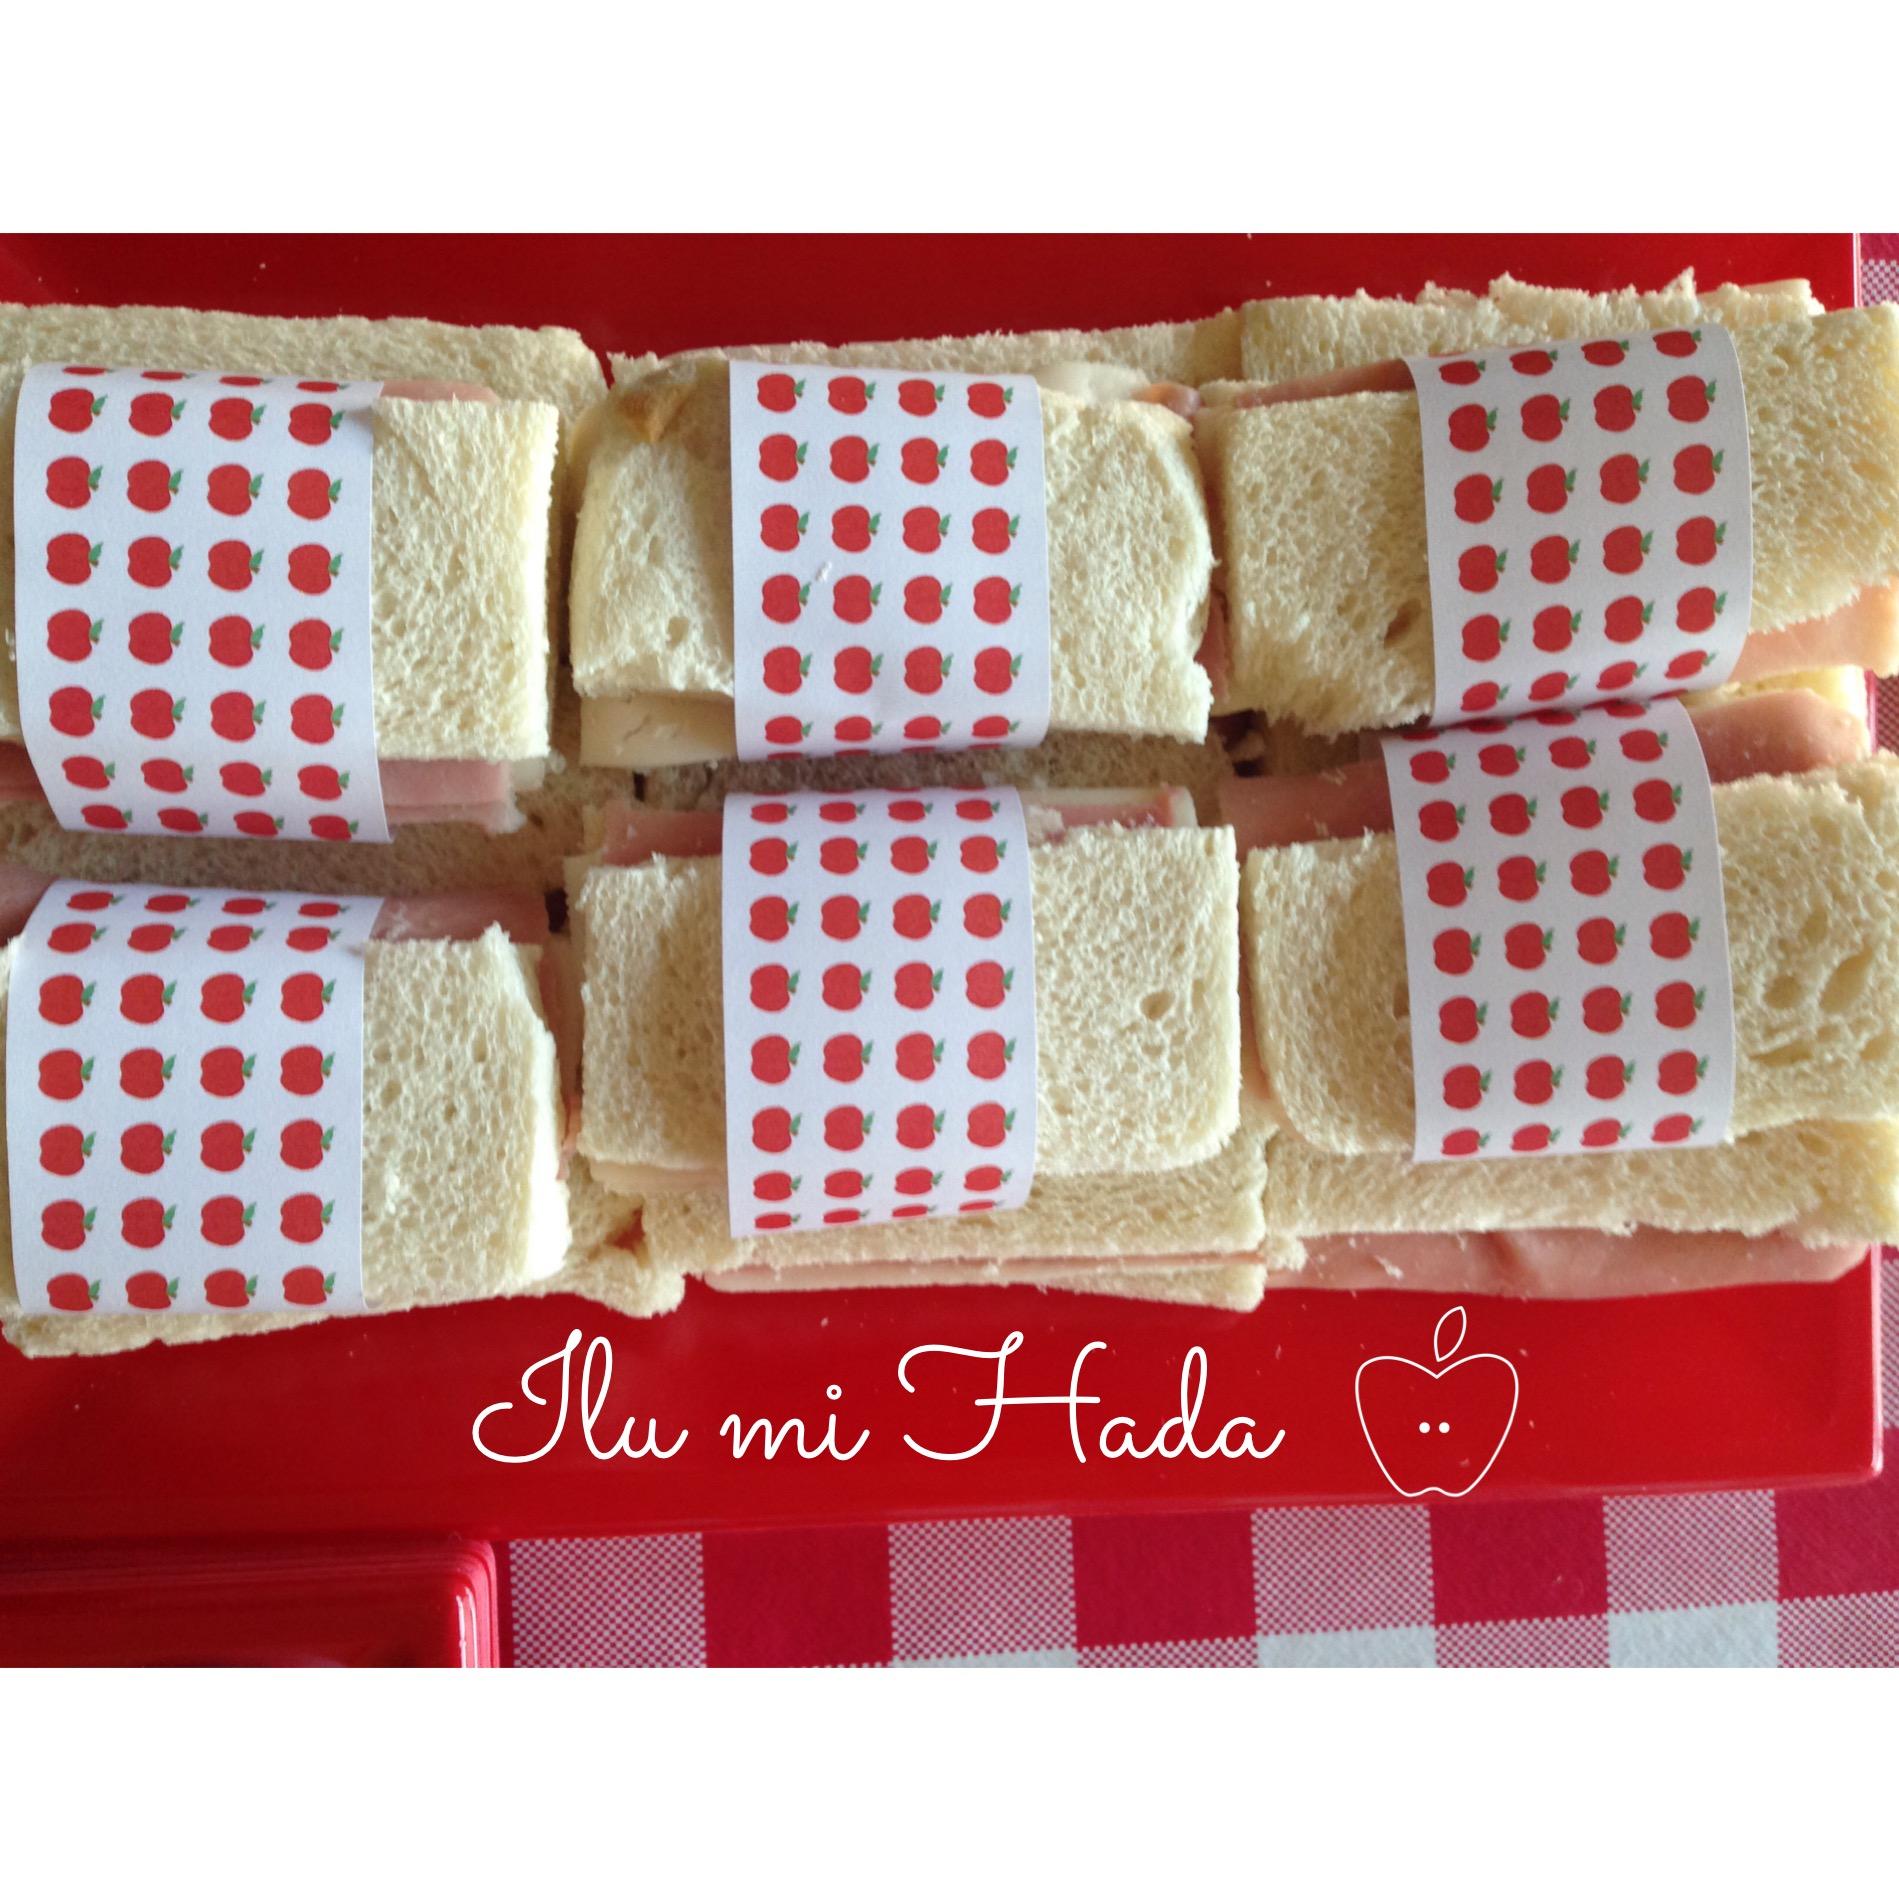 17. Sandwiches